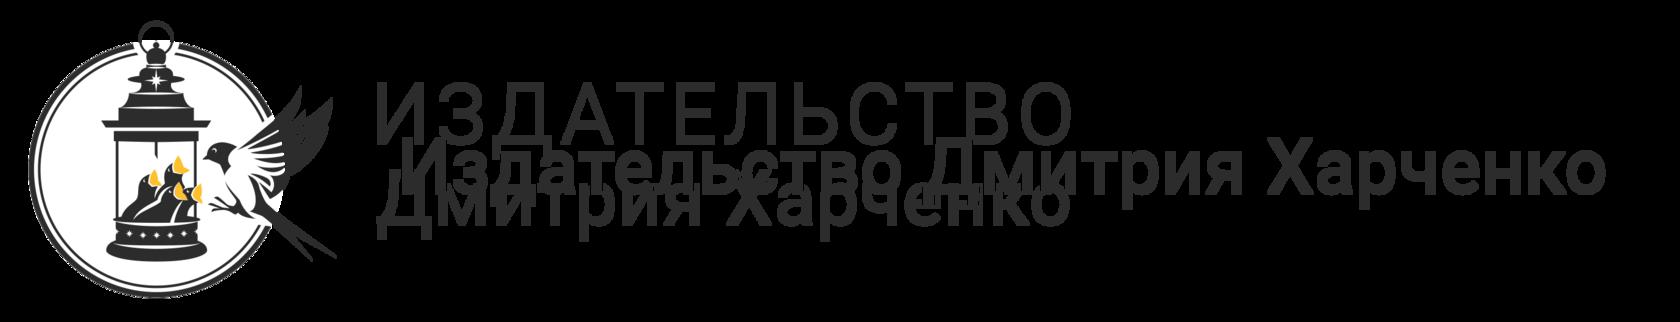 ИЗДАТЕЛЬСТВО ДМИТРИЯ ХАРЧЕНКО